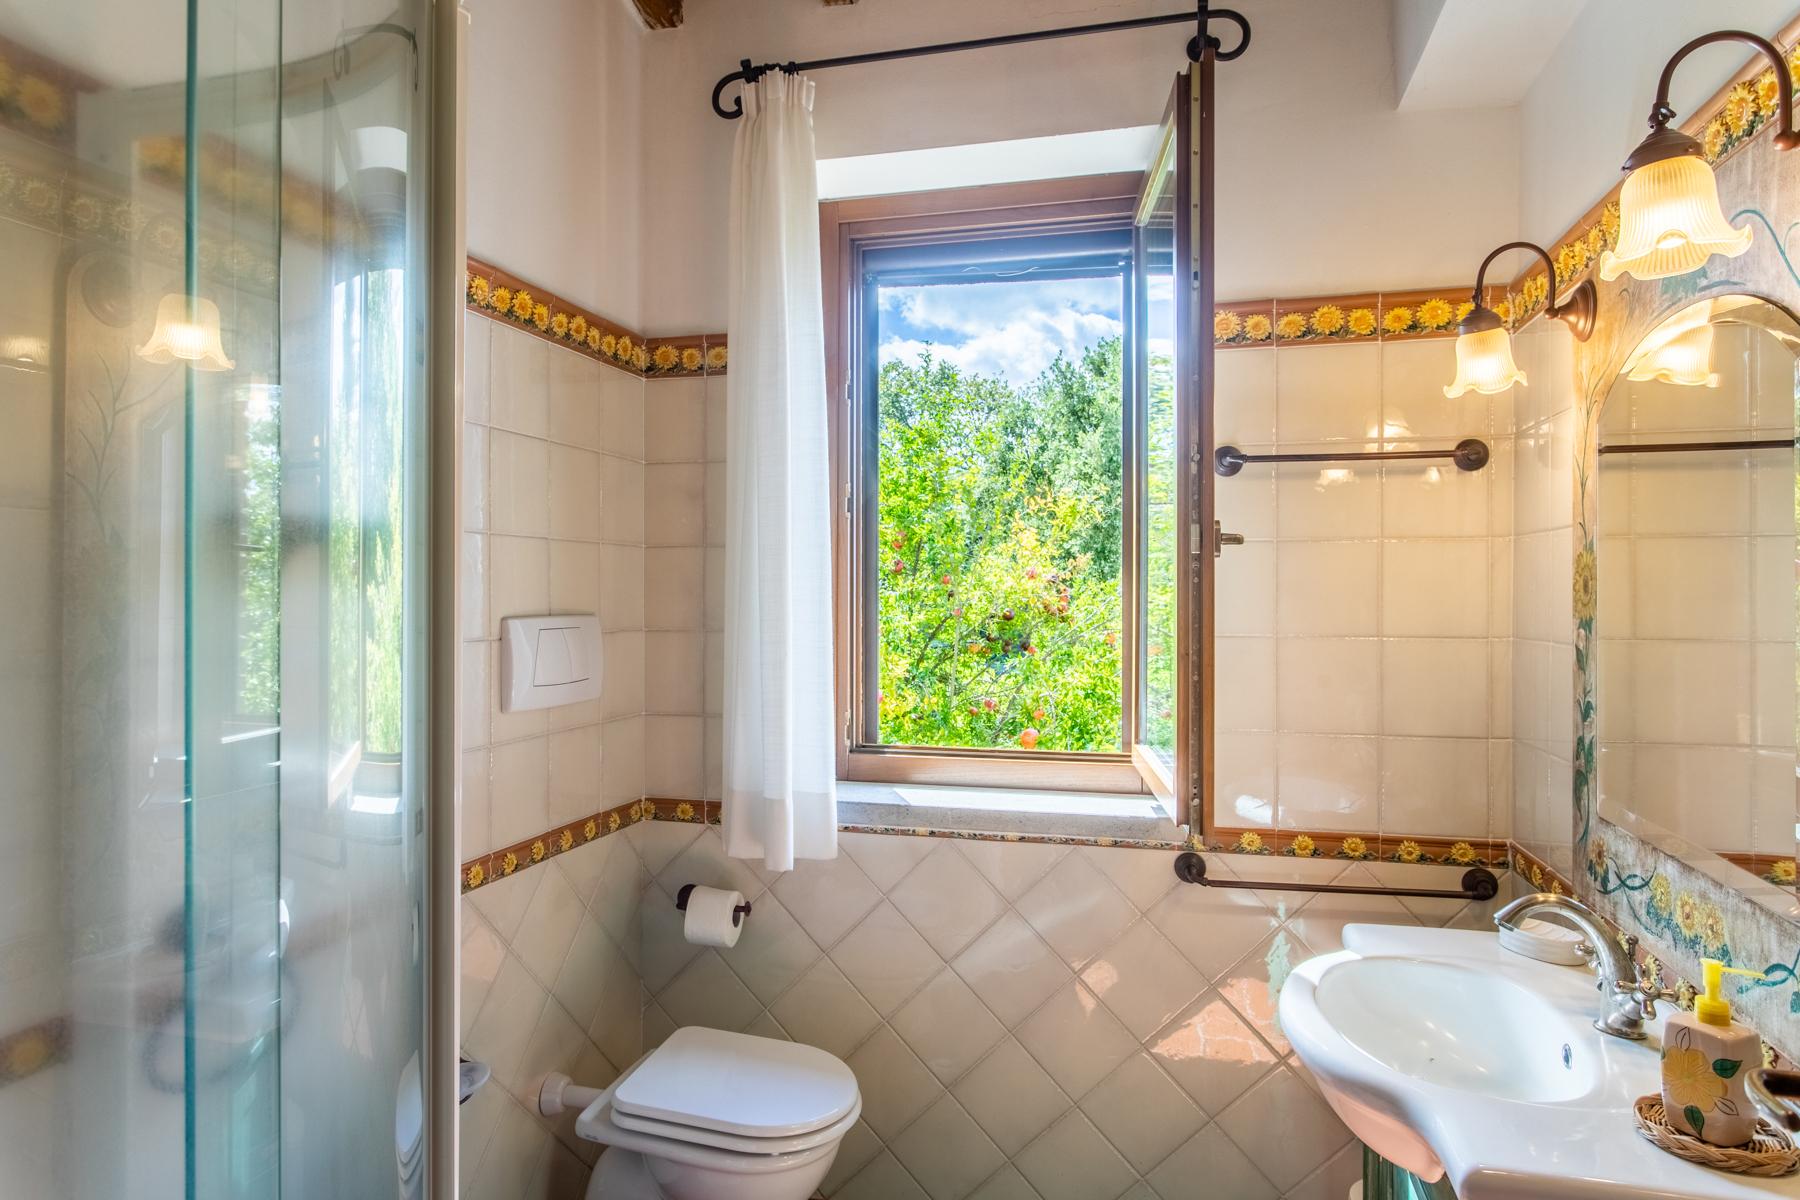 Rustico in Vendita a Manciano: 5 locali, 520 mq - Foto 23